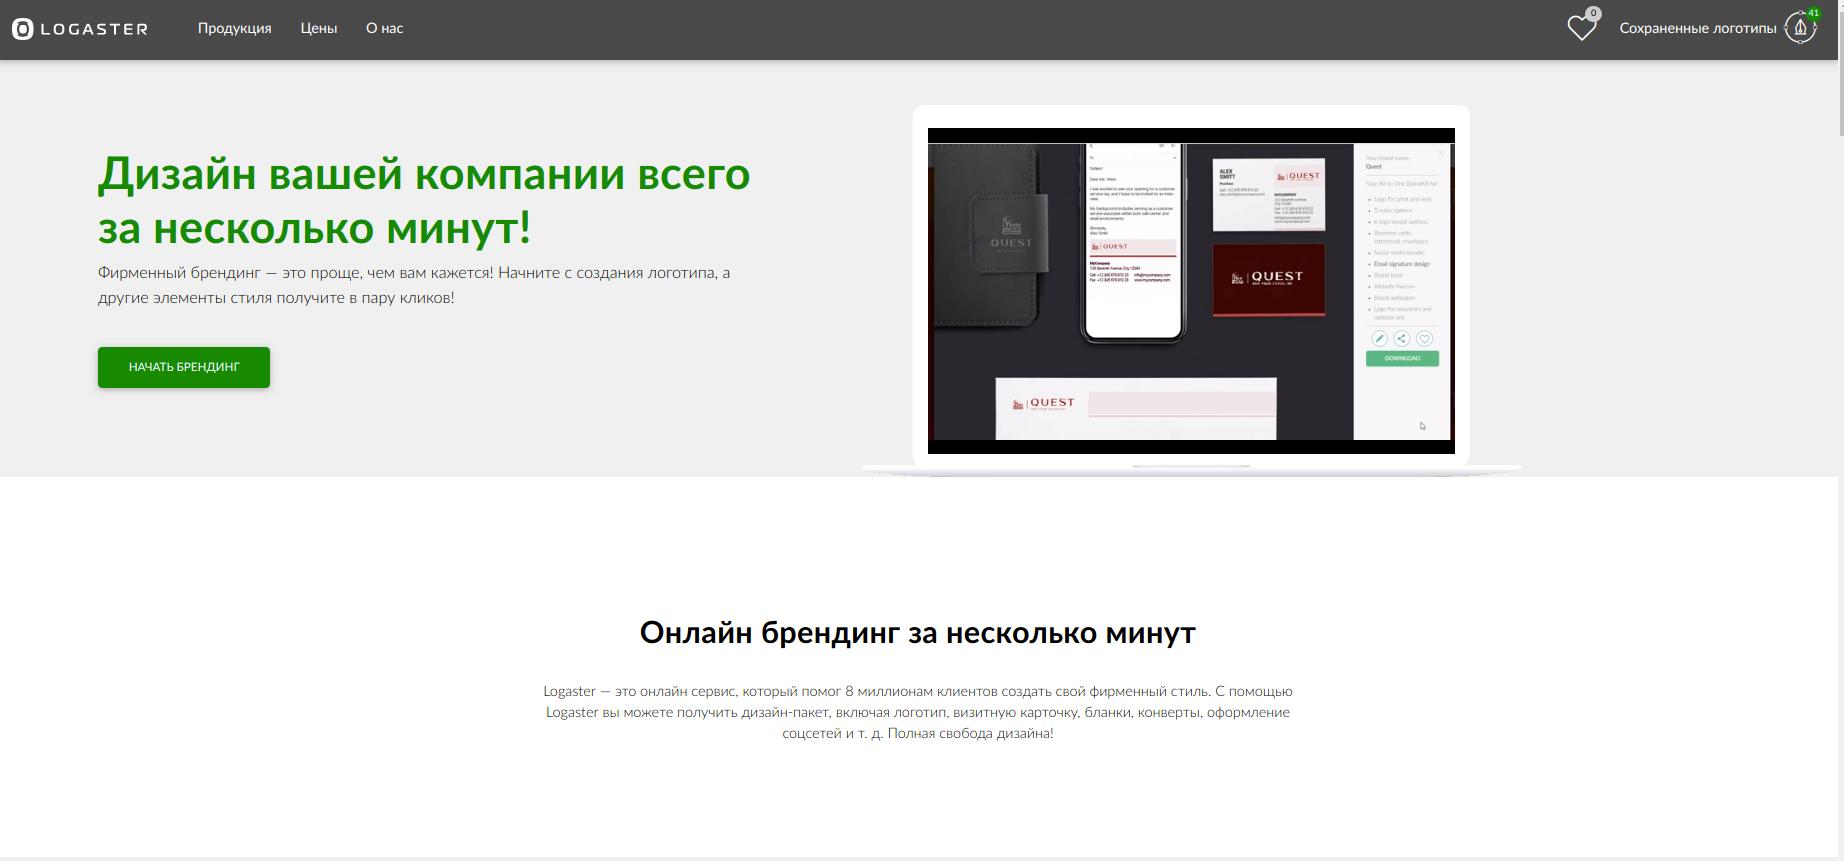 Сервис Logaster поможет в создании уникального логотипа для вашего компании или бренда